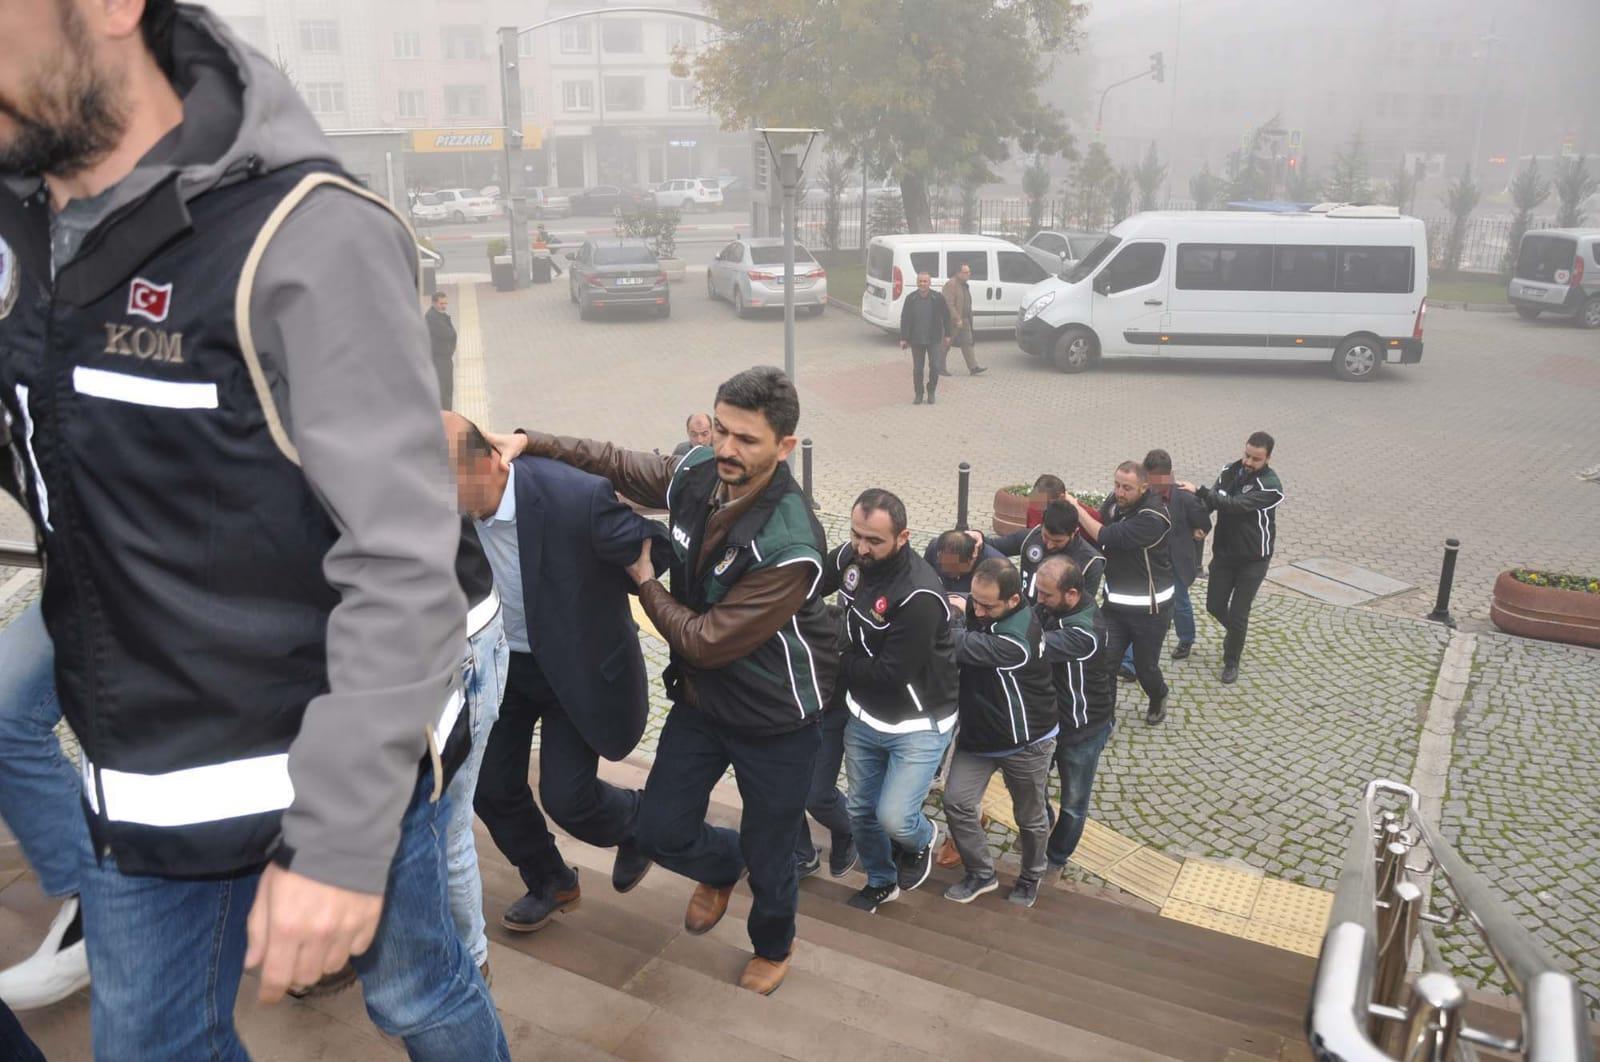 İnegöl Tapu Müdürlüğü'nde yolsuzluk iddiası: 10 sanık hakim karşısında